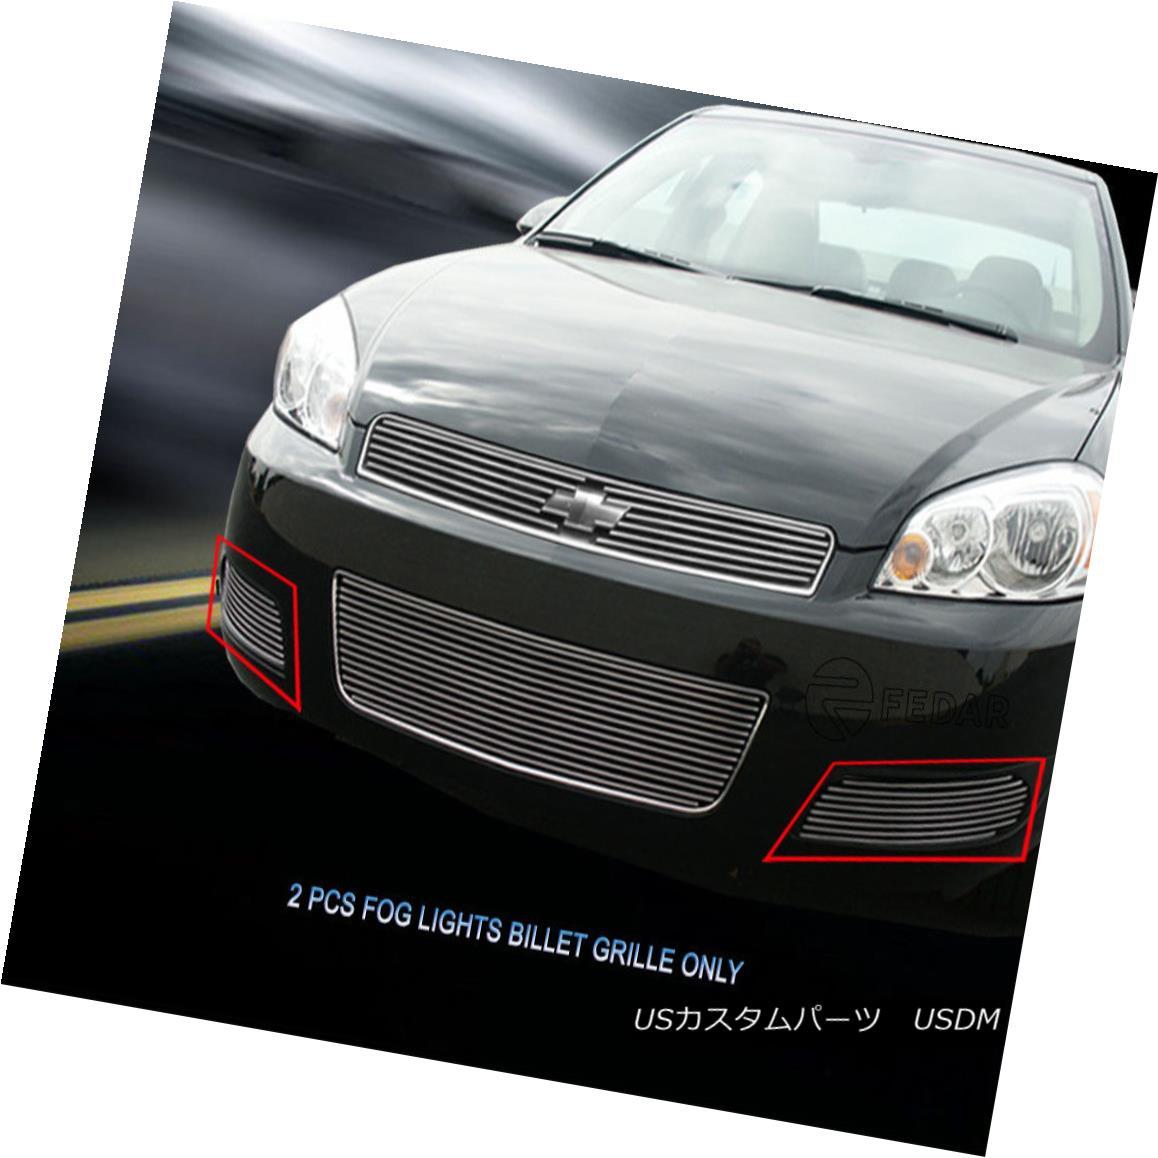 グリル For 06-13 Chevy Impala Fog Light Model Billet Grille Bumper Grill Insert Fedar 06-13シボレーインパラフォグライトモデルビレットグリルバンパーグリルインサートFedar